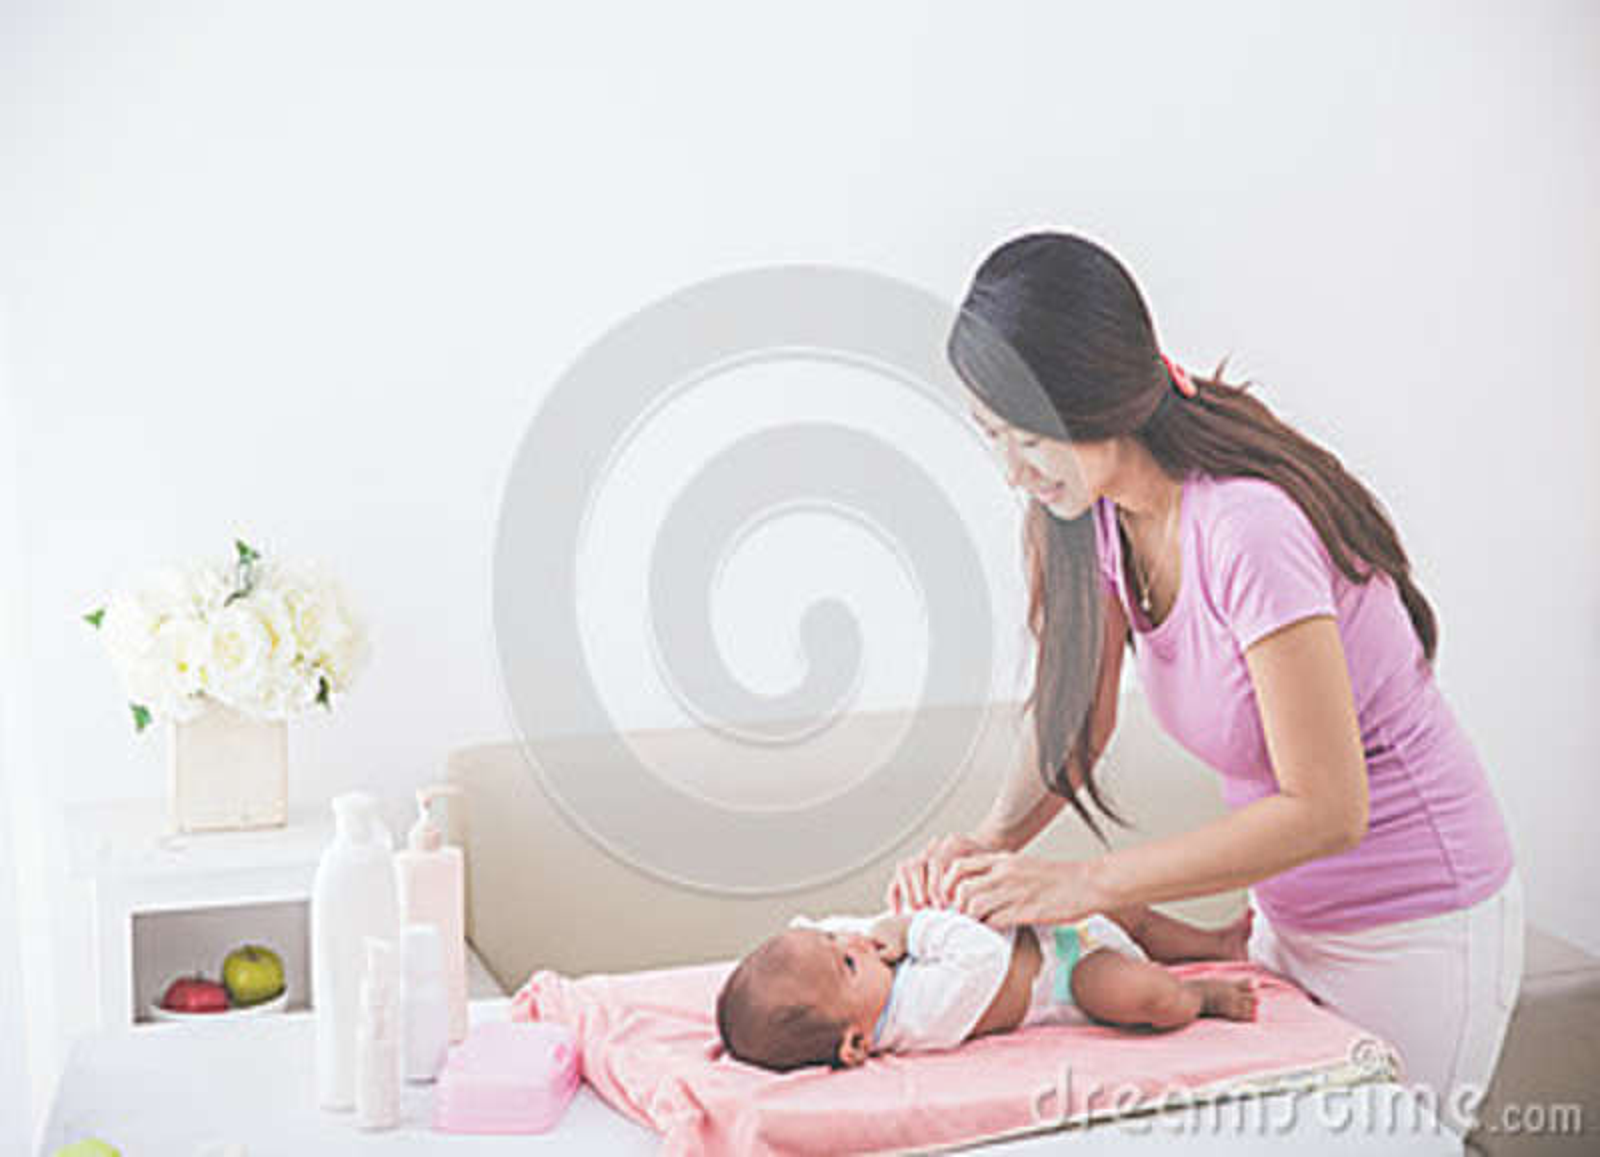 Mutter Legte An Etwas Kleidung Ihrem Baby Vor Stockfoto Bild Von